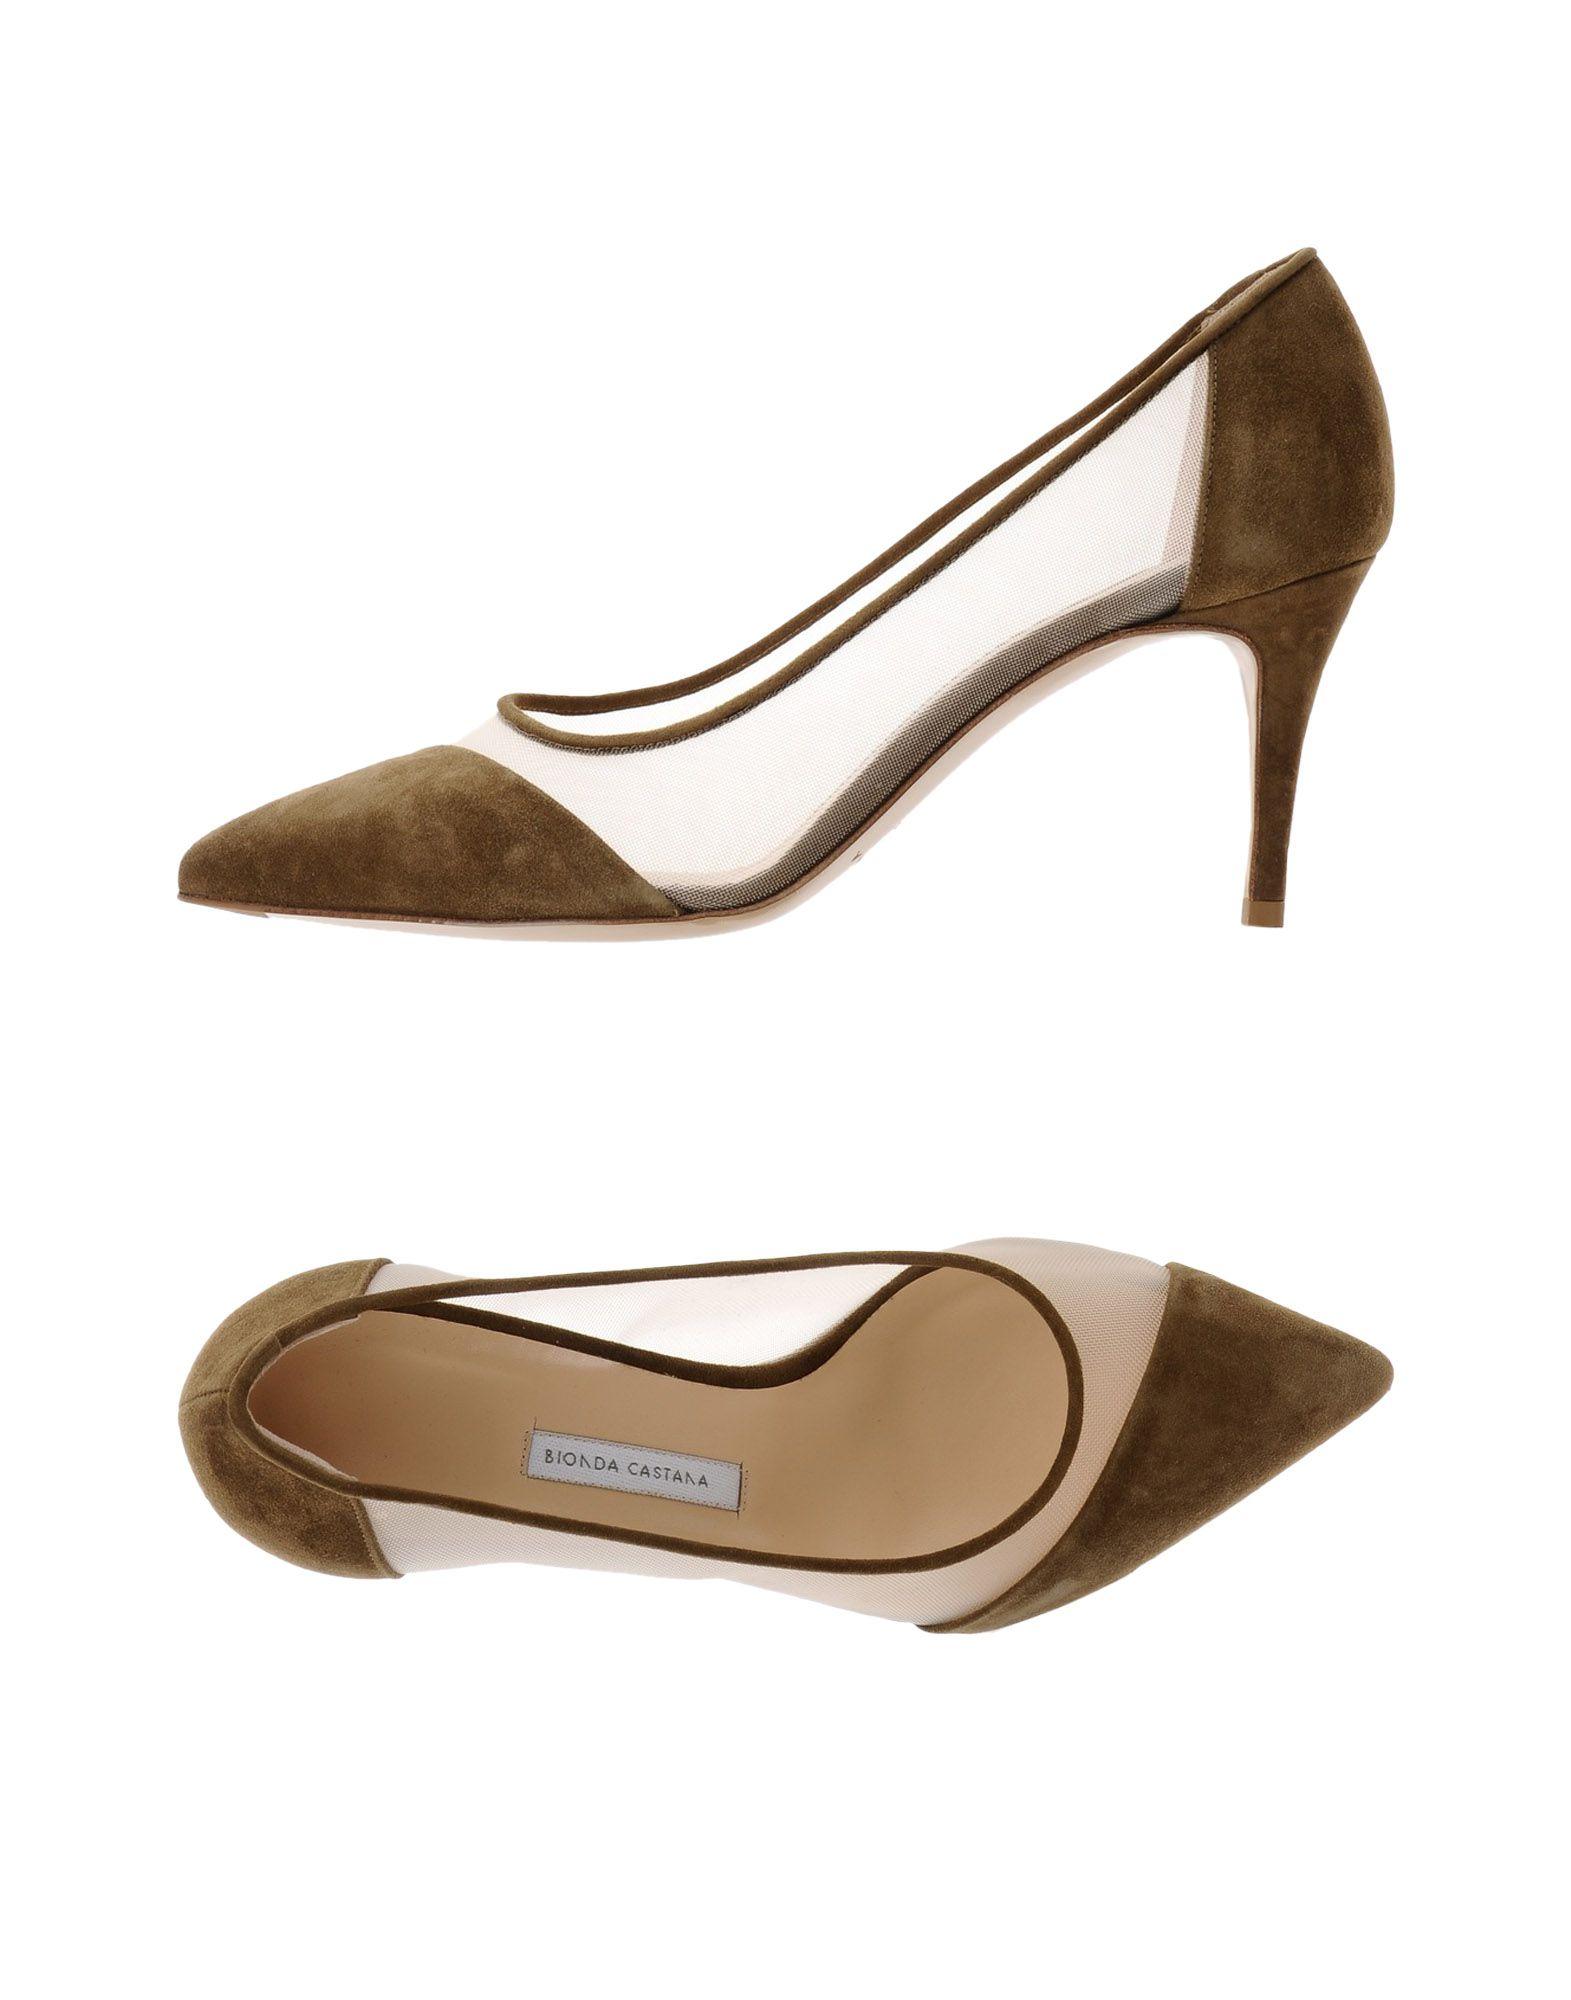 все цены на BIONDA CASTANA Туфли в интернете